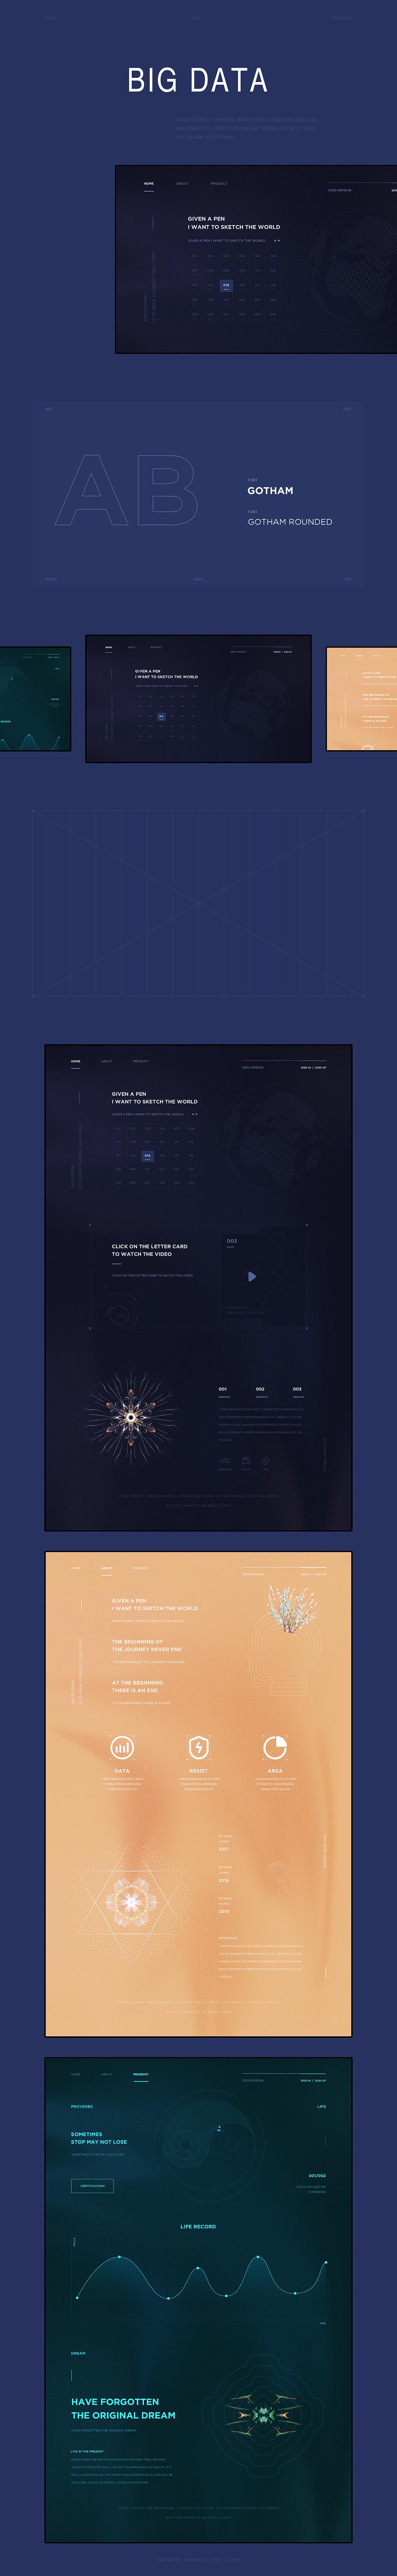 Image may contain: screenshot and monitor